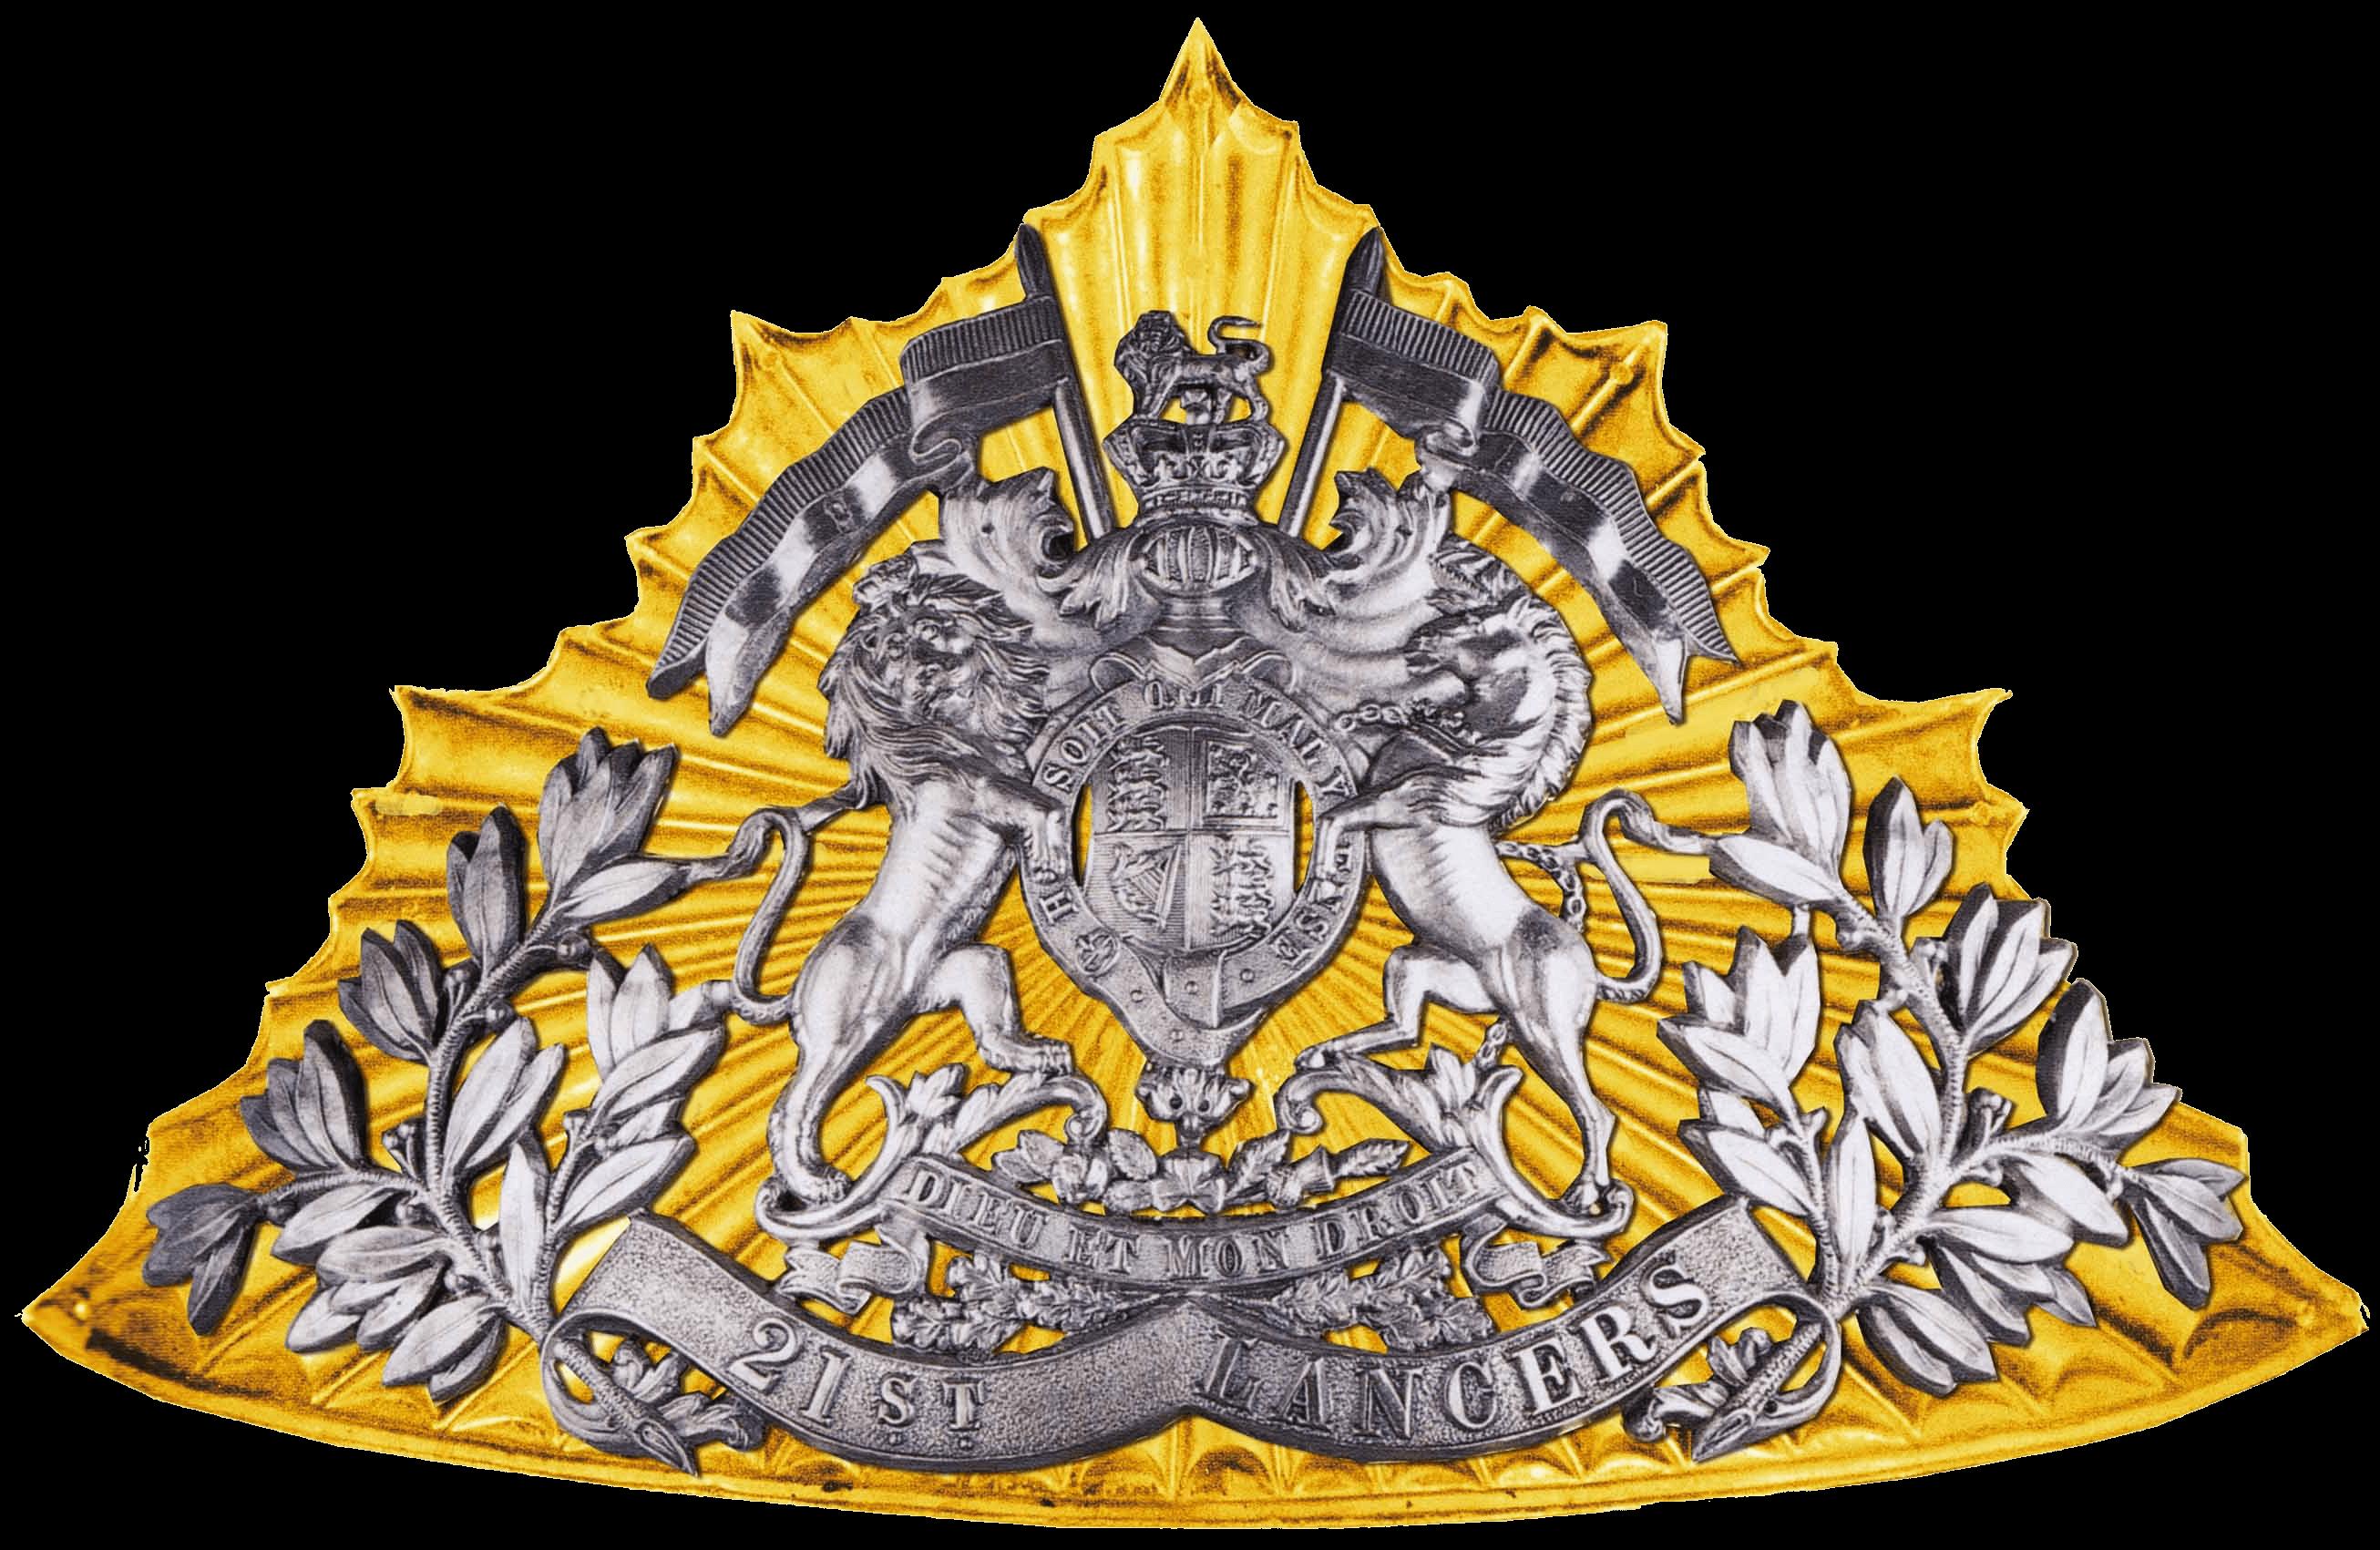 Лицевая накладка на уланскую шапку 21 уланского полка